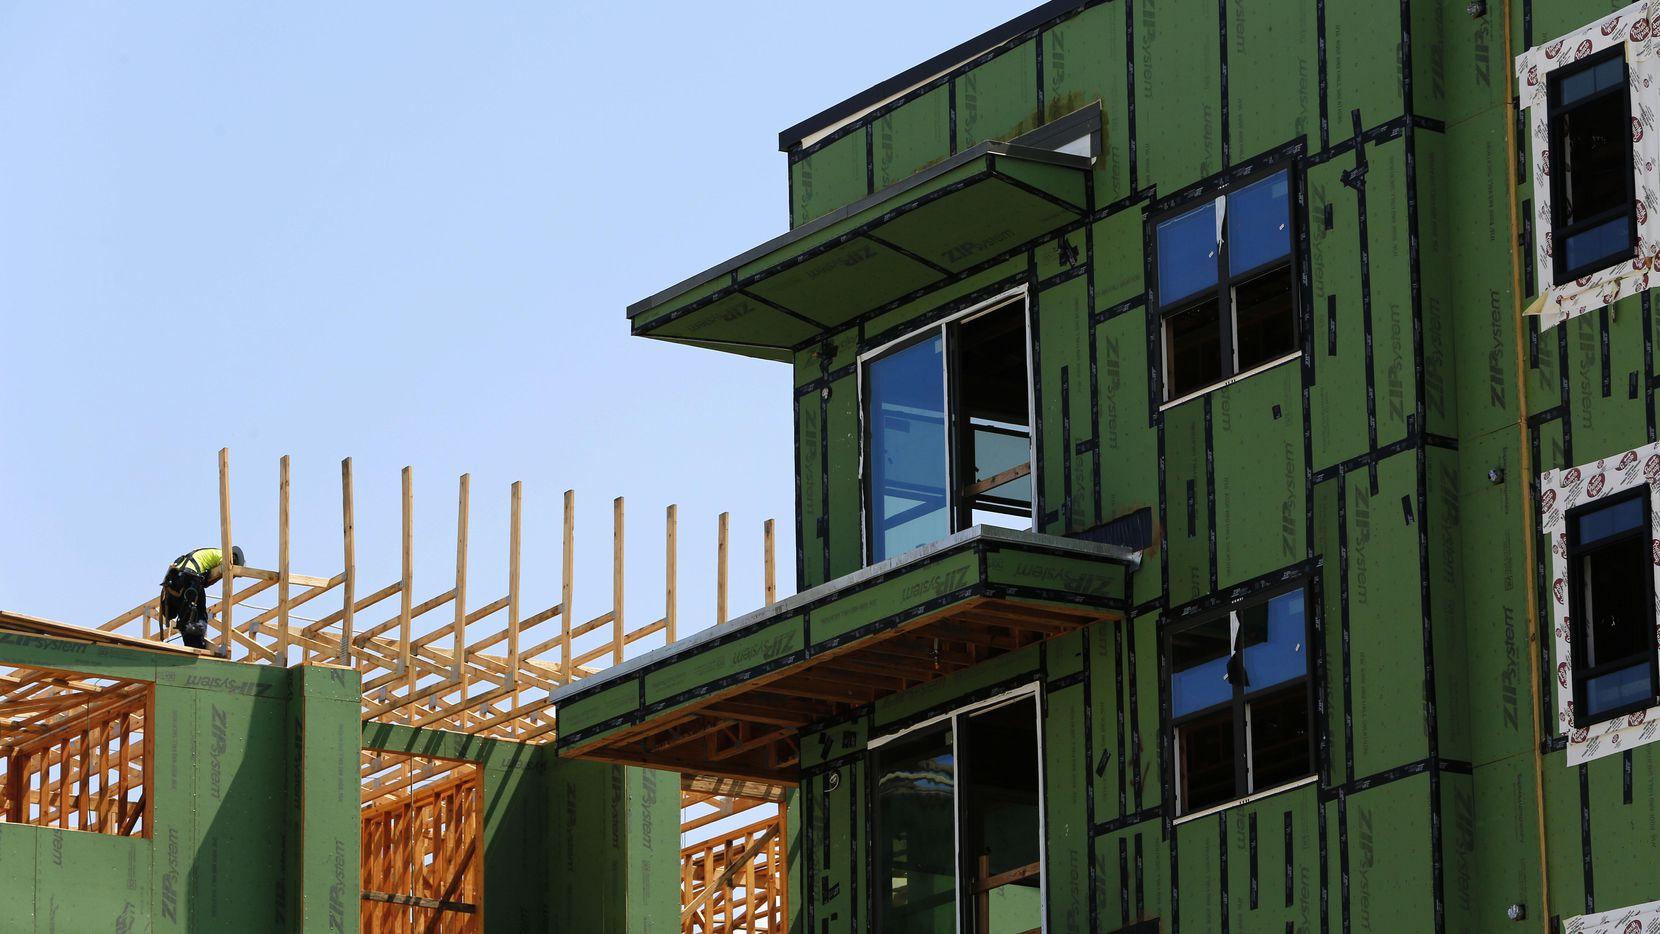 La construcción de casas podría satisfacer la demanda de vivienda accesible en el Norte de Texas. (DMN/NATHAN HUNSINGER)